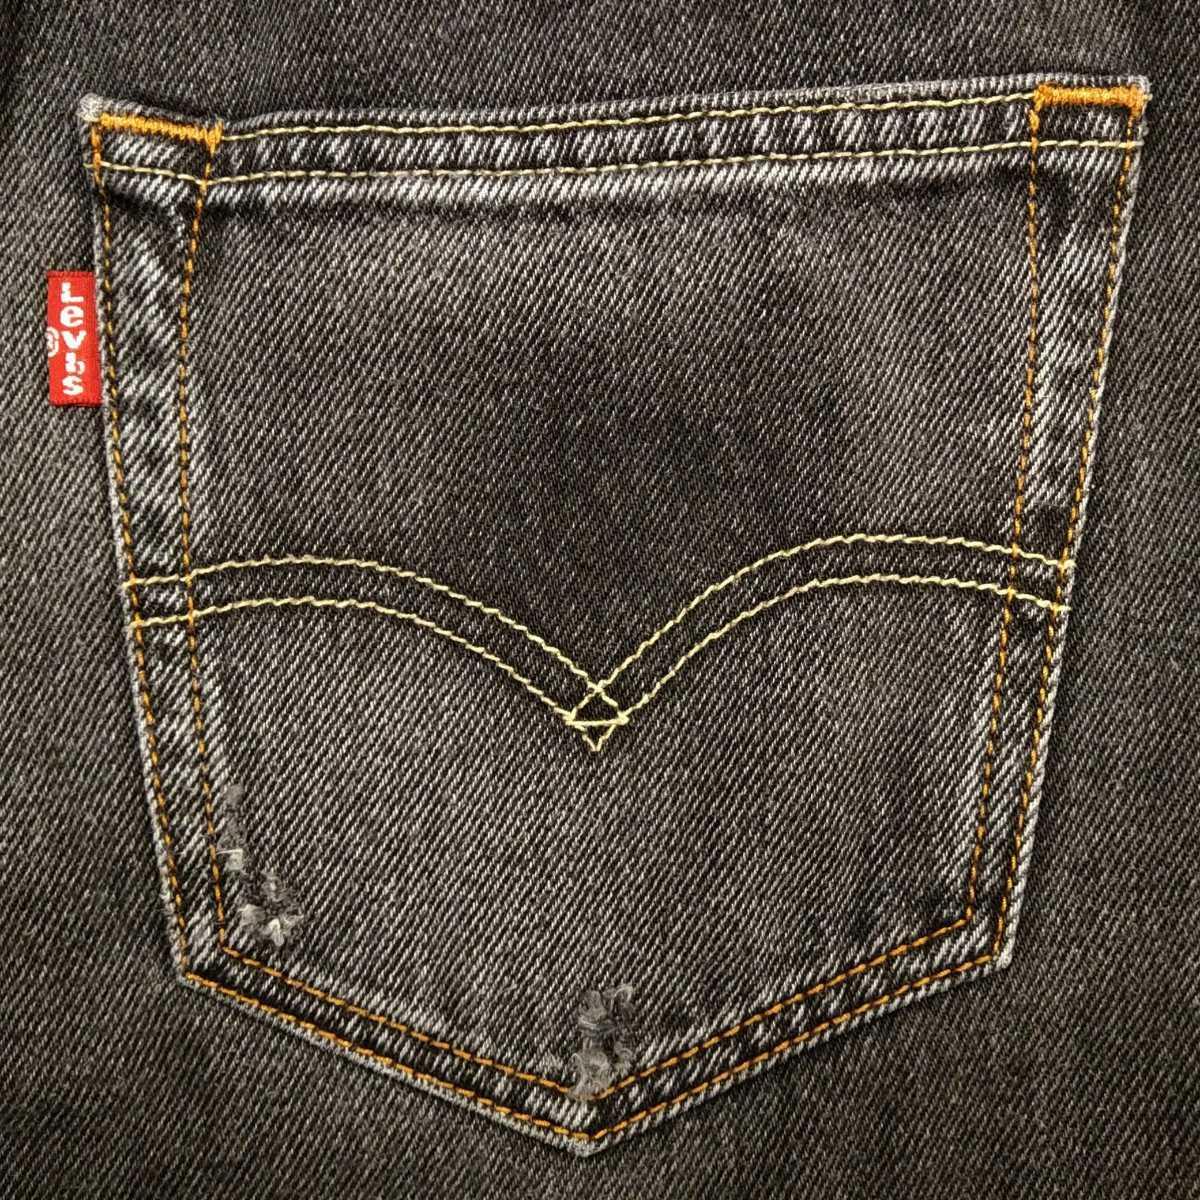 ヒゲ&タテ落ち Levi's 501 ブラック デニム ショートパンツ W30 78cm リーバイス ボタンフライ ハーフパンツ 短パン ショーツ(511/502/569)